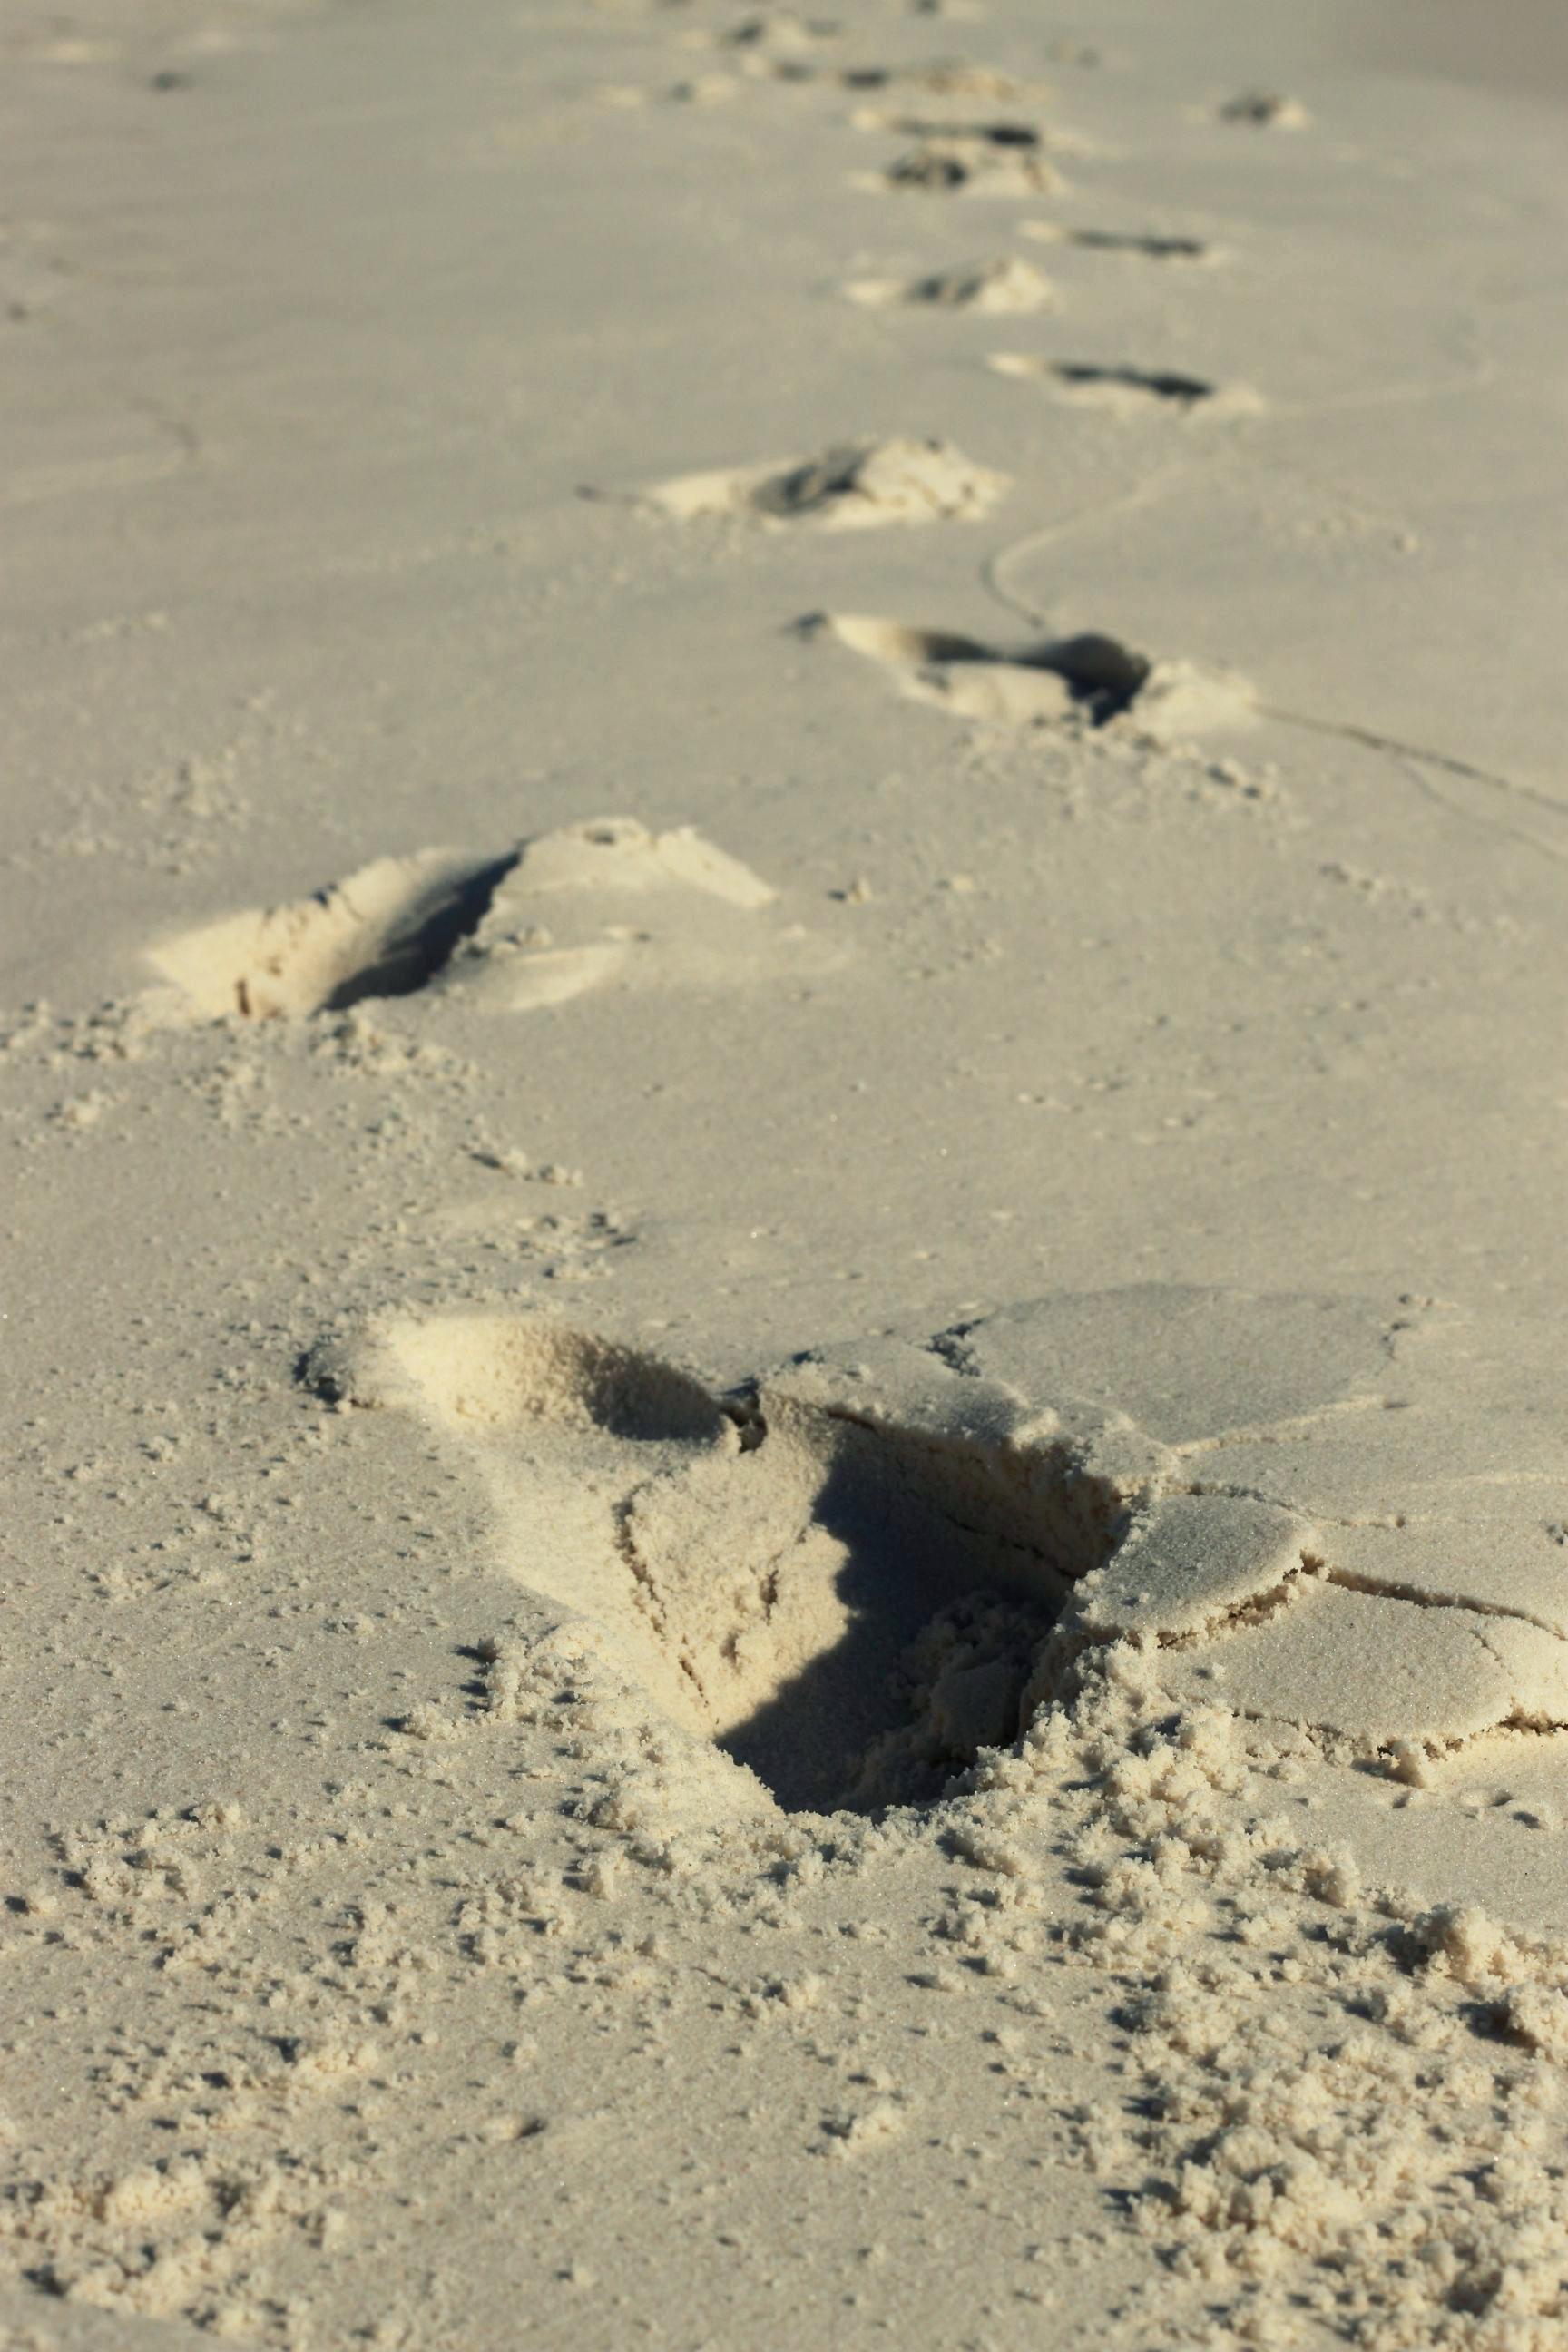 Fussabdrücke in Sand